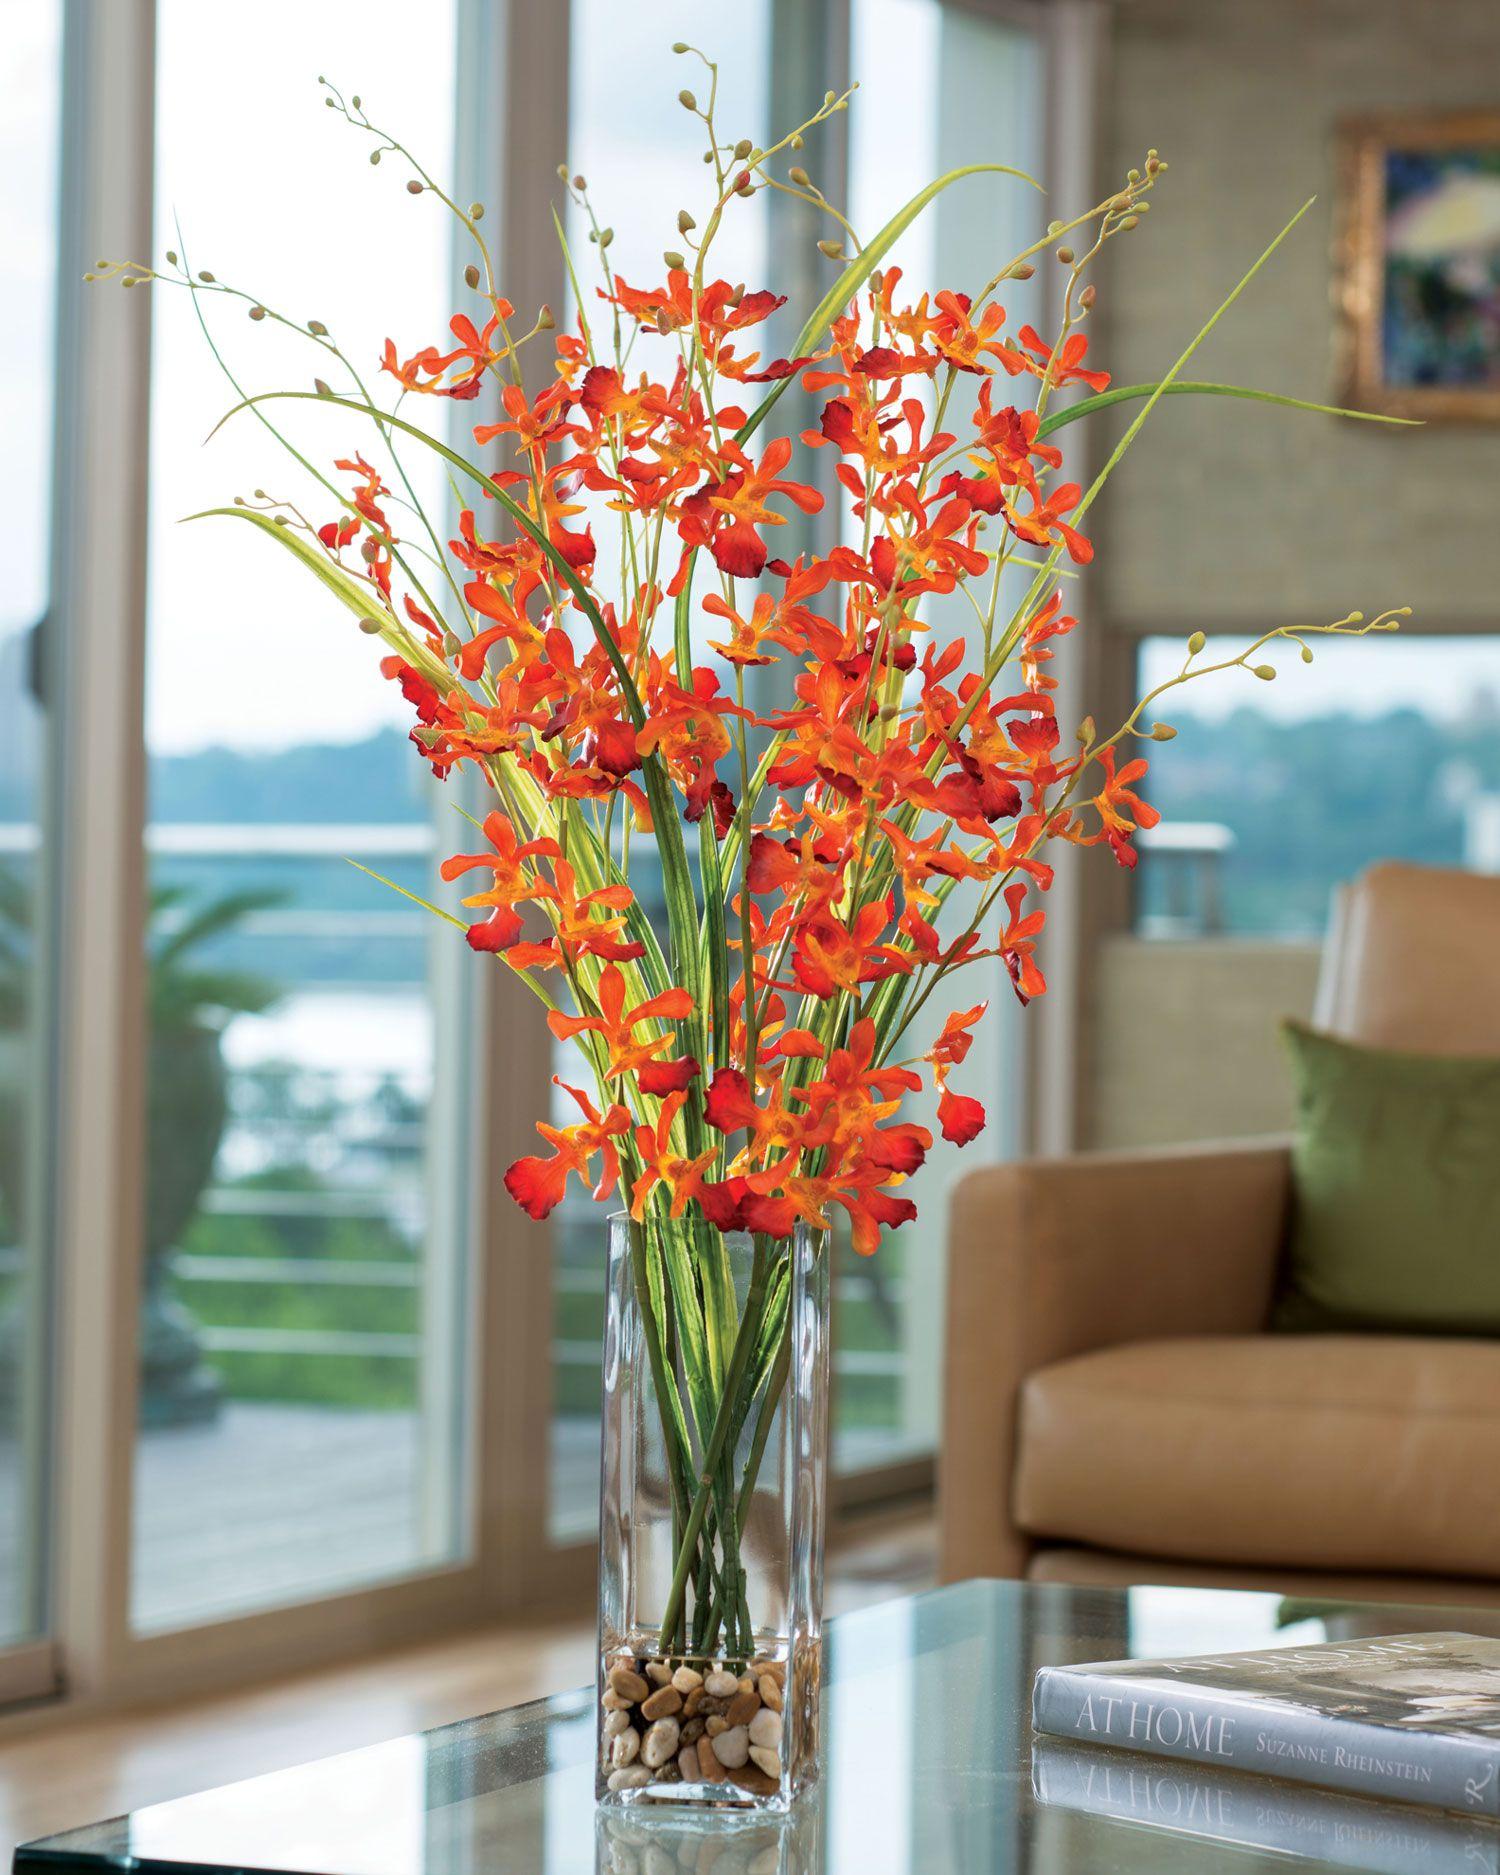 Dancing Orchid Grassartificial Flower Arrangement Tall Orange